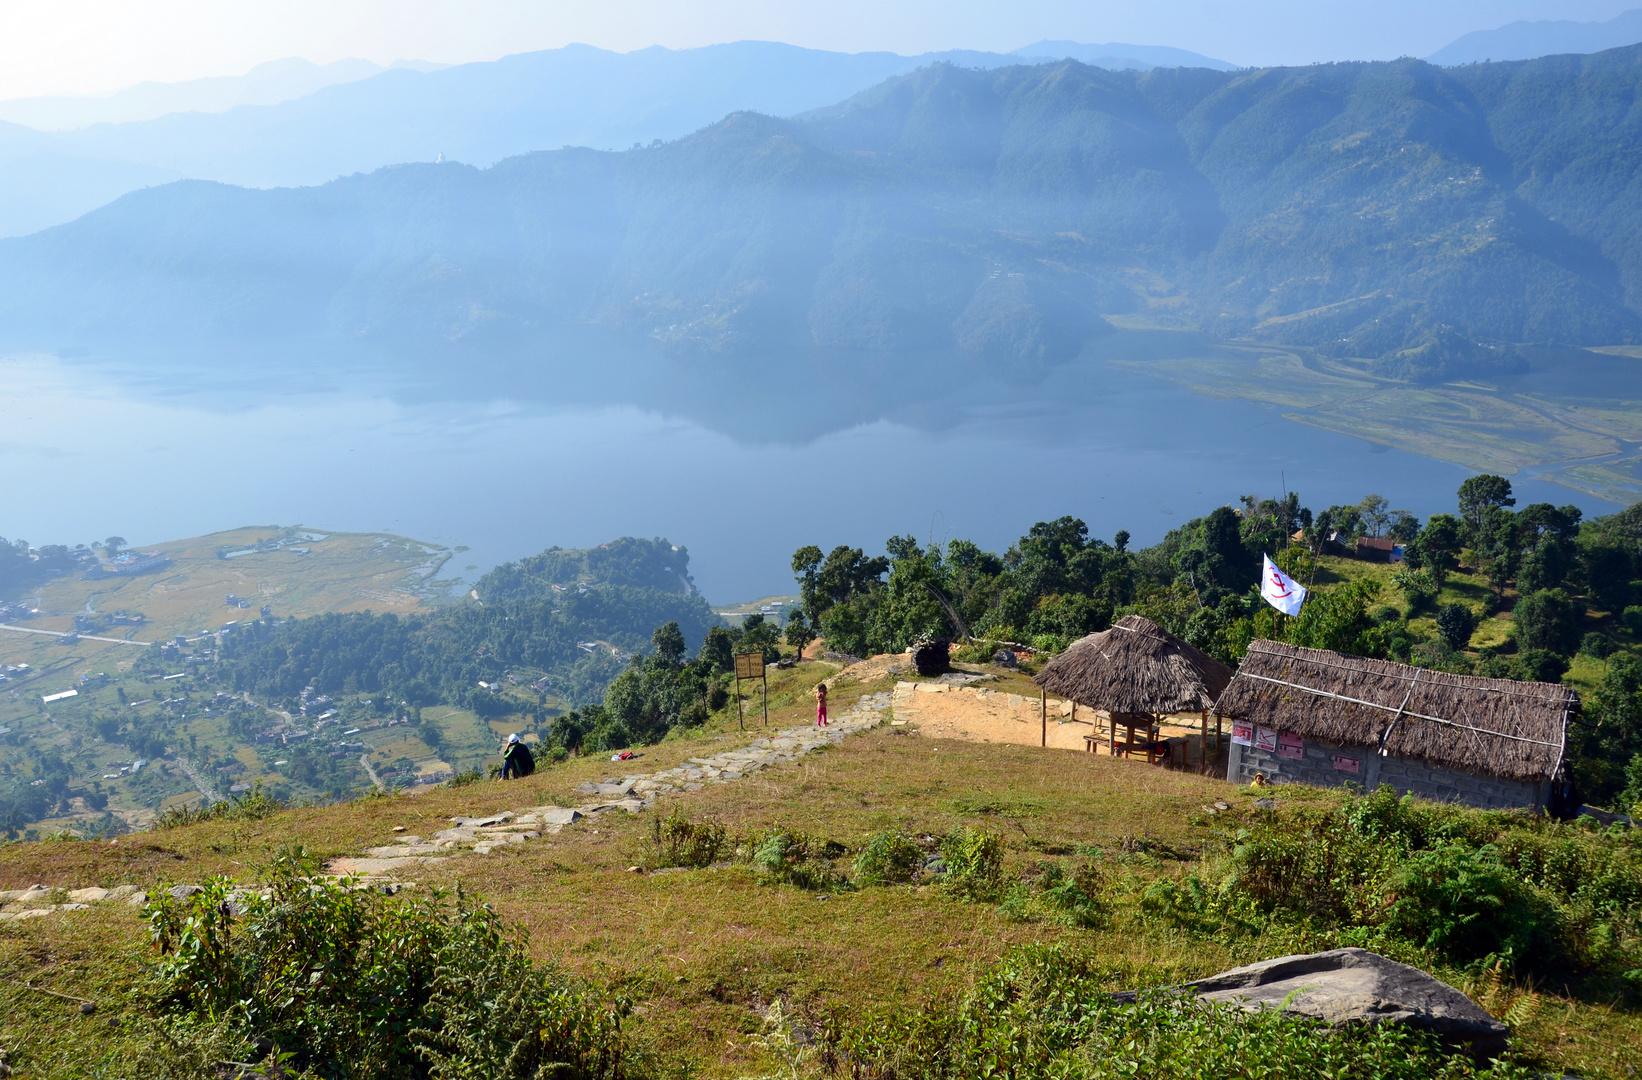 Blick vom Aufstieg nach Sarangkot auf den Phewa-See